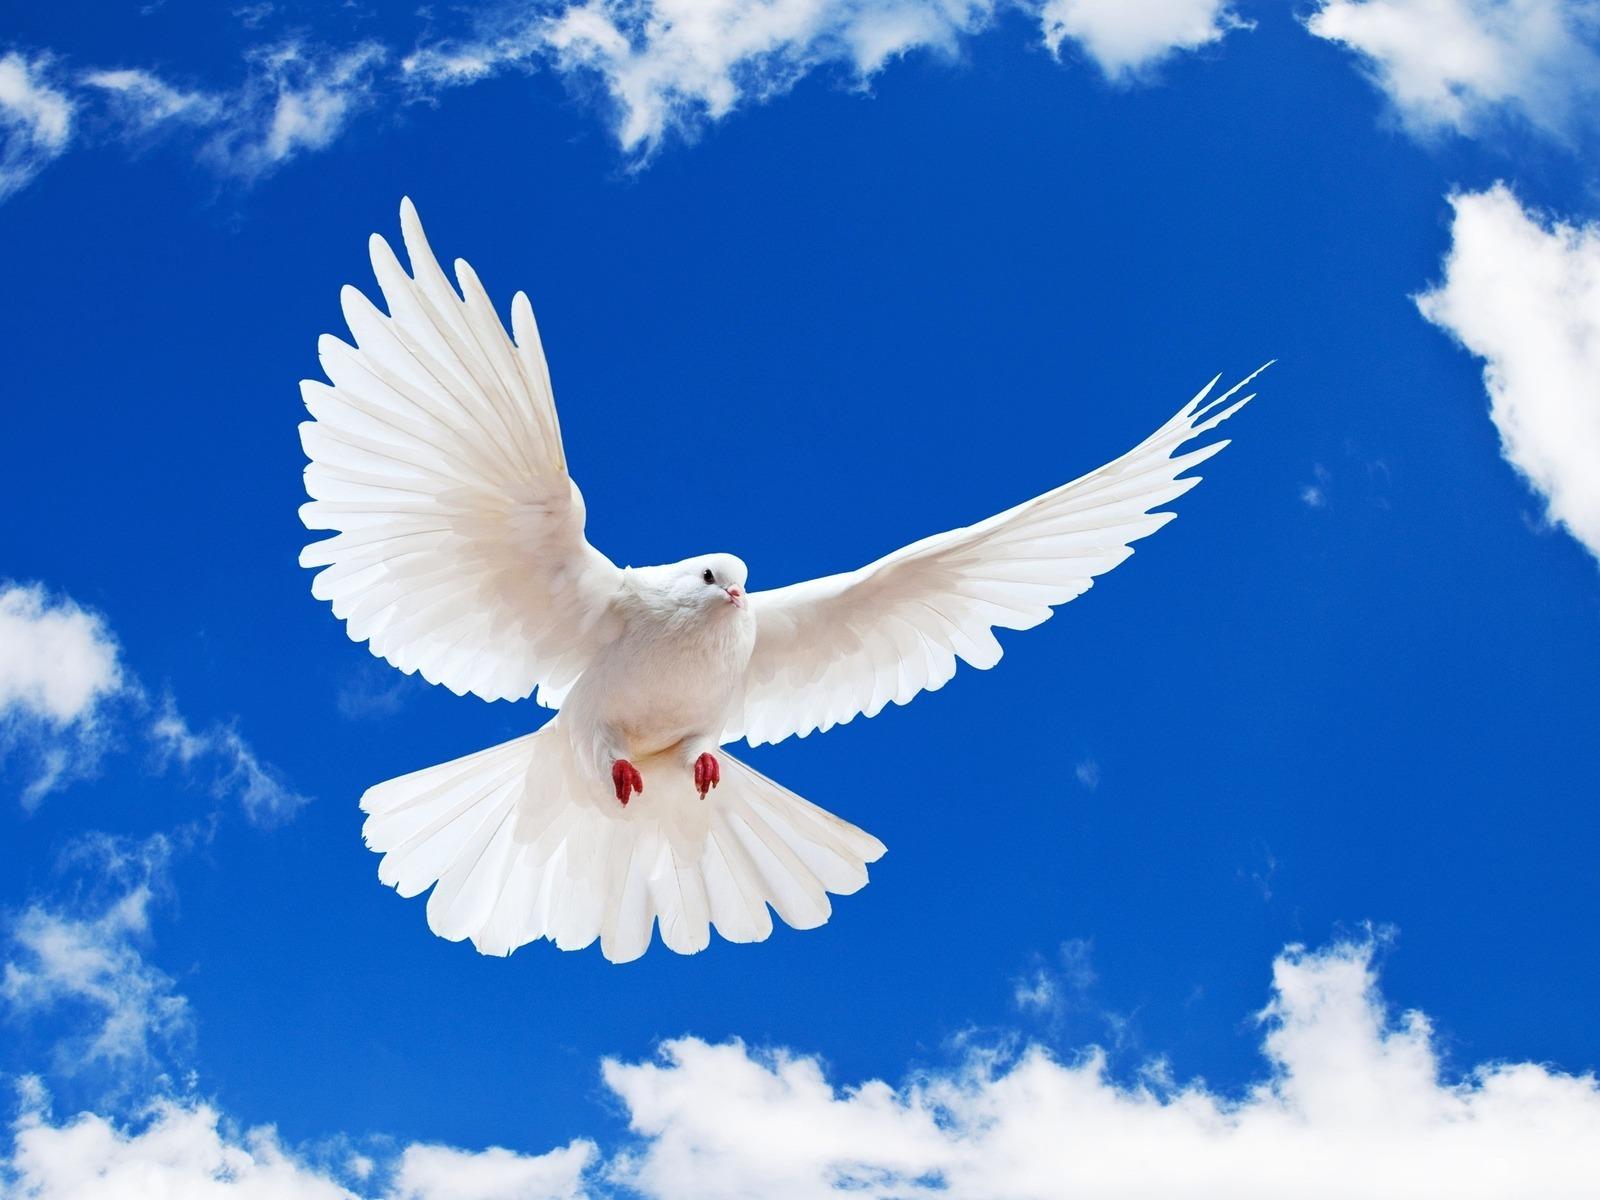 صورة كلمات عن السلام , حمامات السلام تحلق بأدبياتها البيضاء